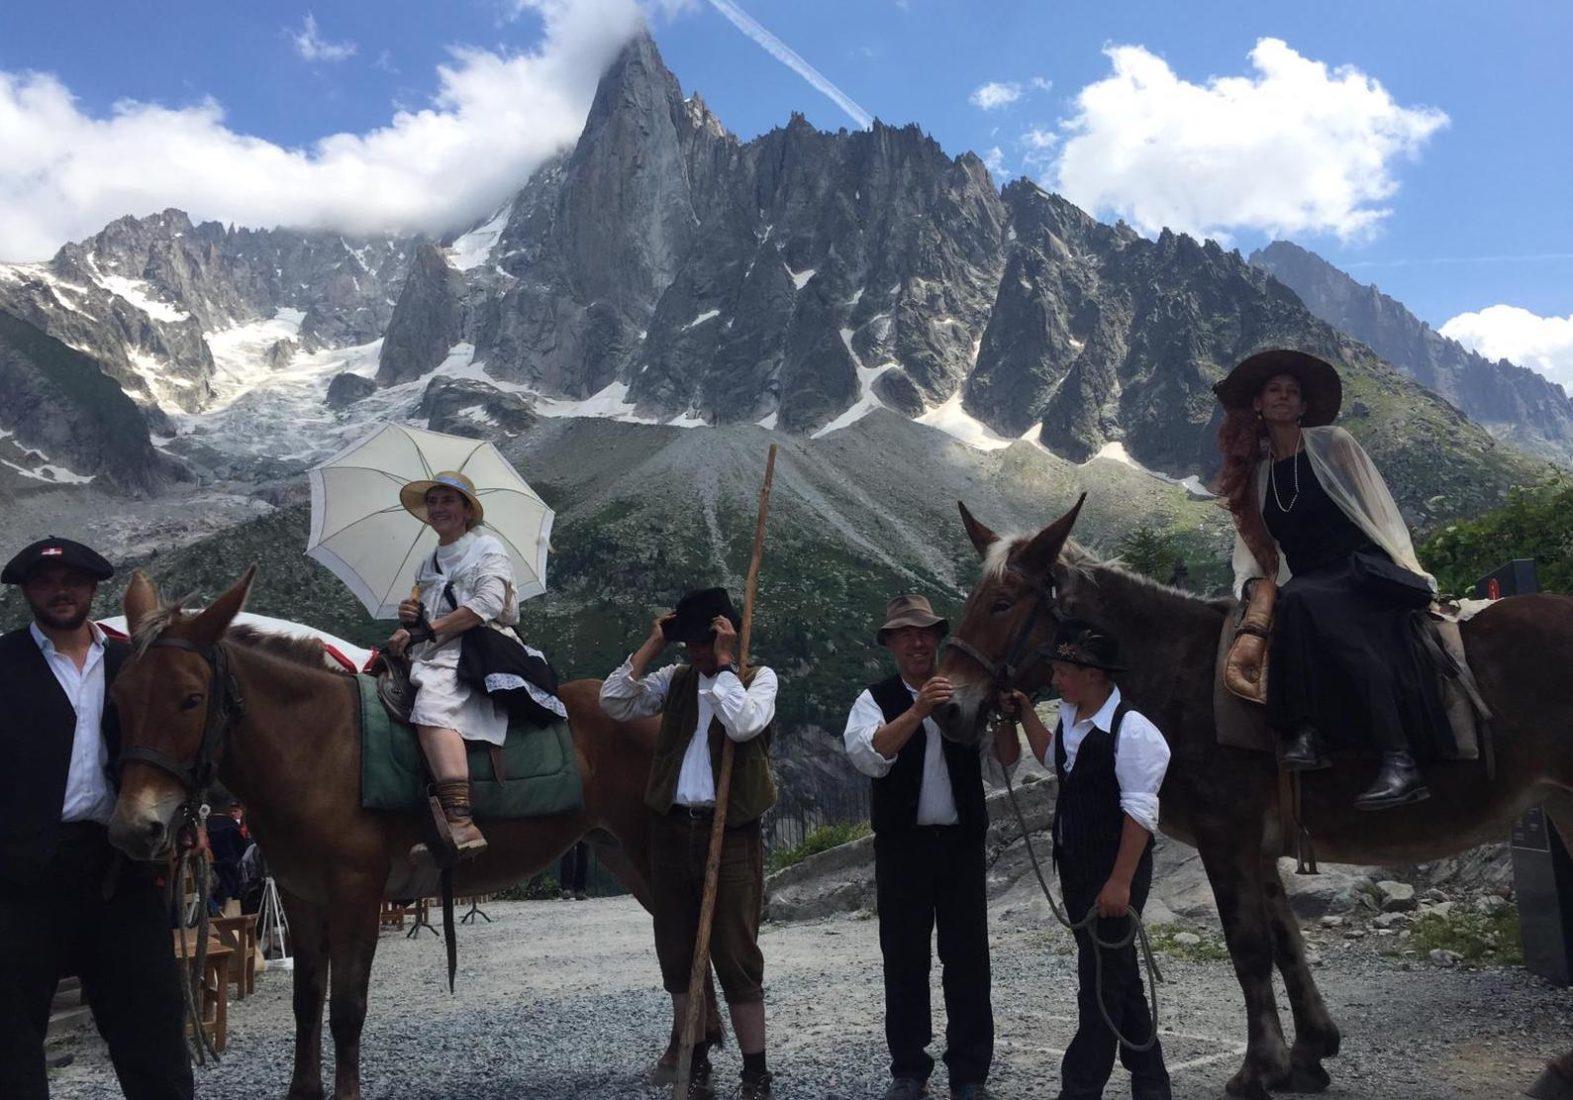 Chamonix fête mulets montenvers 110 ans